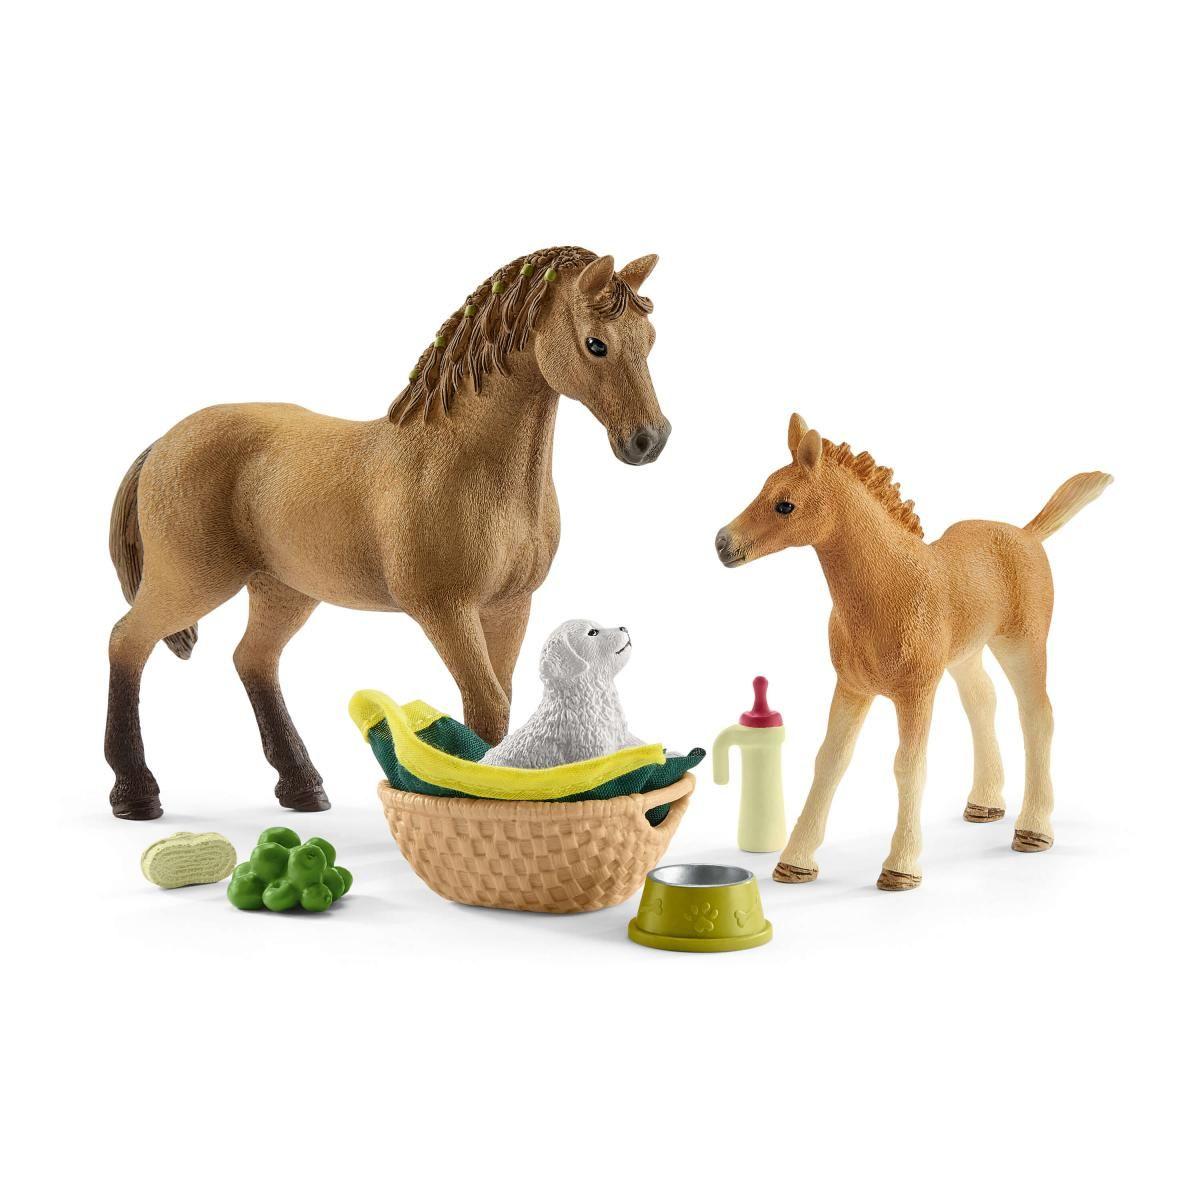 SCHLEICH KIT DI CURA PER PULEDRI E CAVALLI QUARTER HORSE CON CUCCIOLO 42432